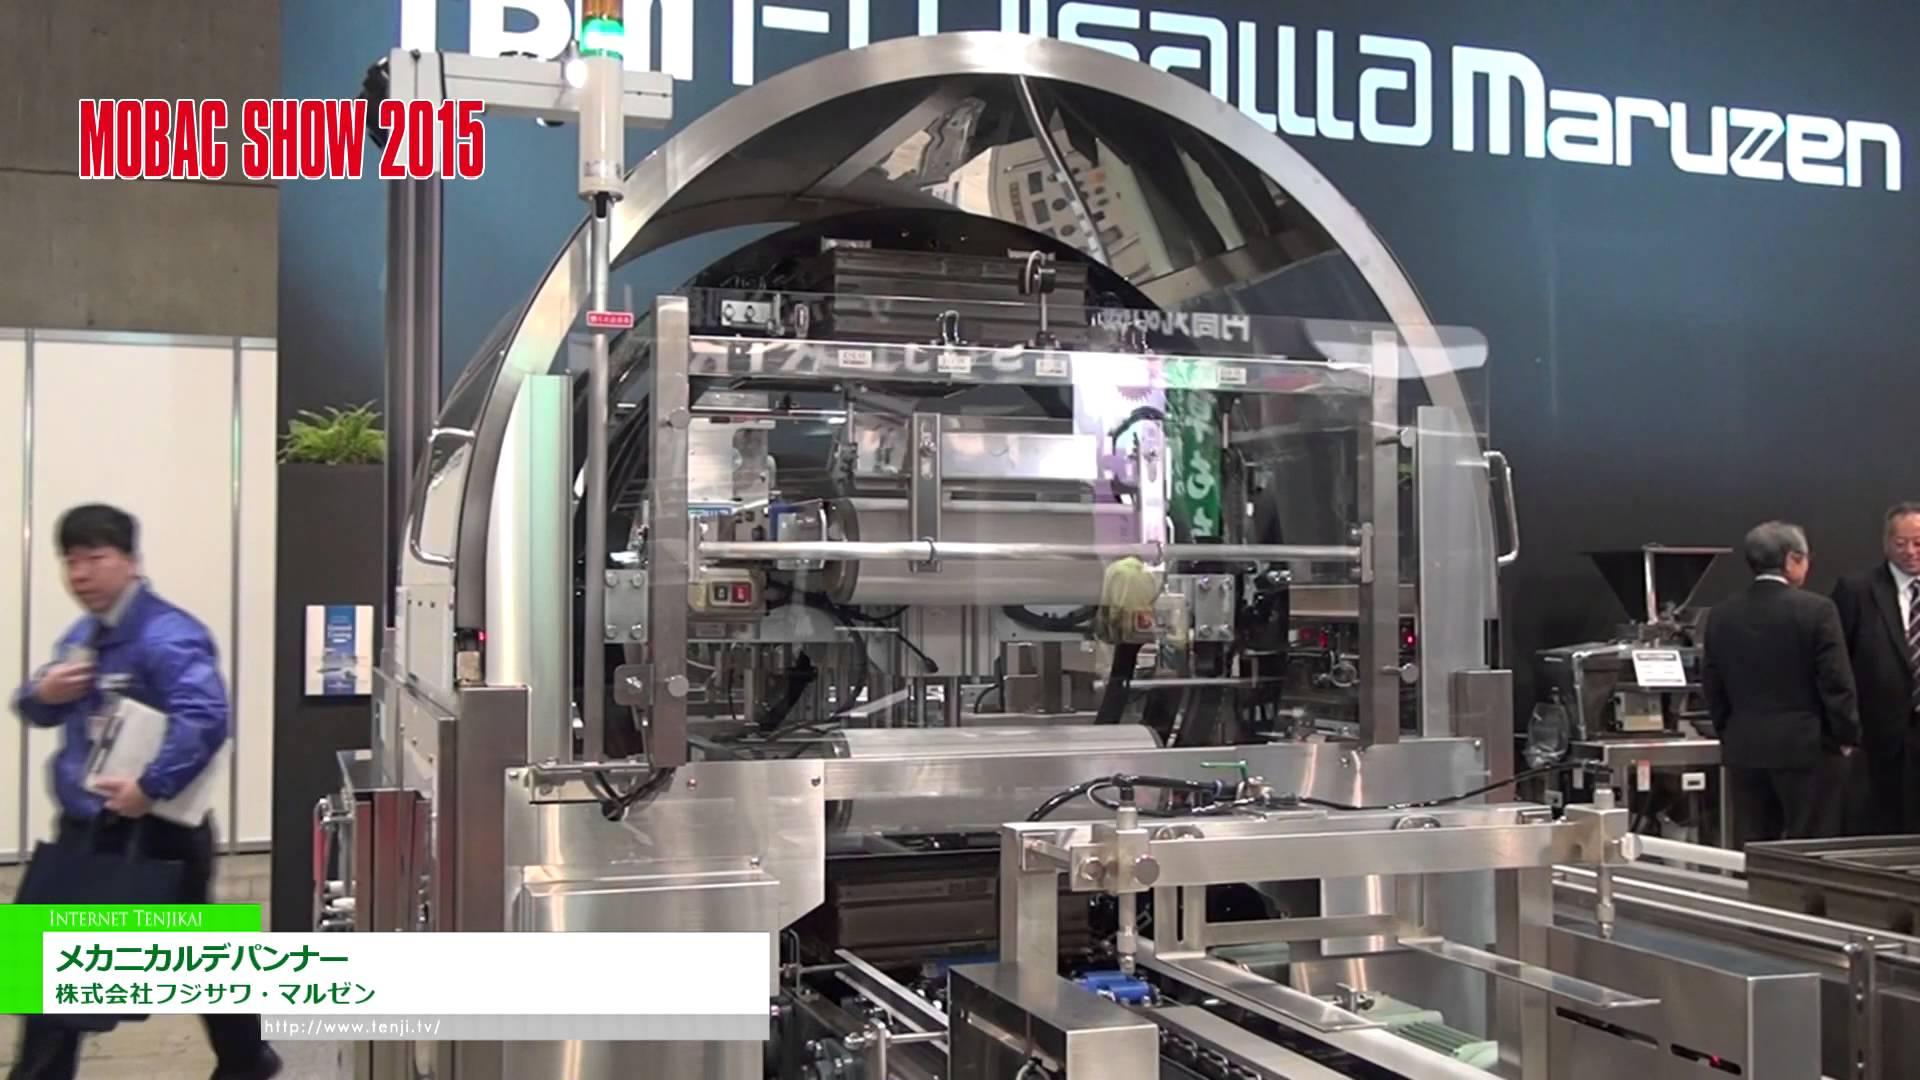 [2015 モバックショウ] ノーケービングの食パン用デパンナー「メカニカルデパンナー」 – 株式会社フジサワ・マルゼン